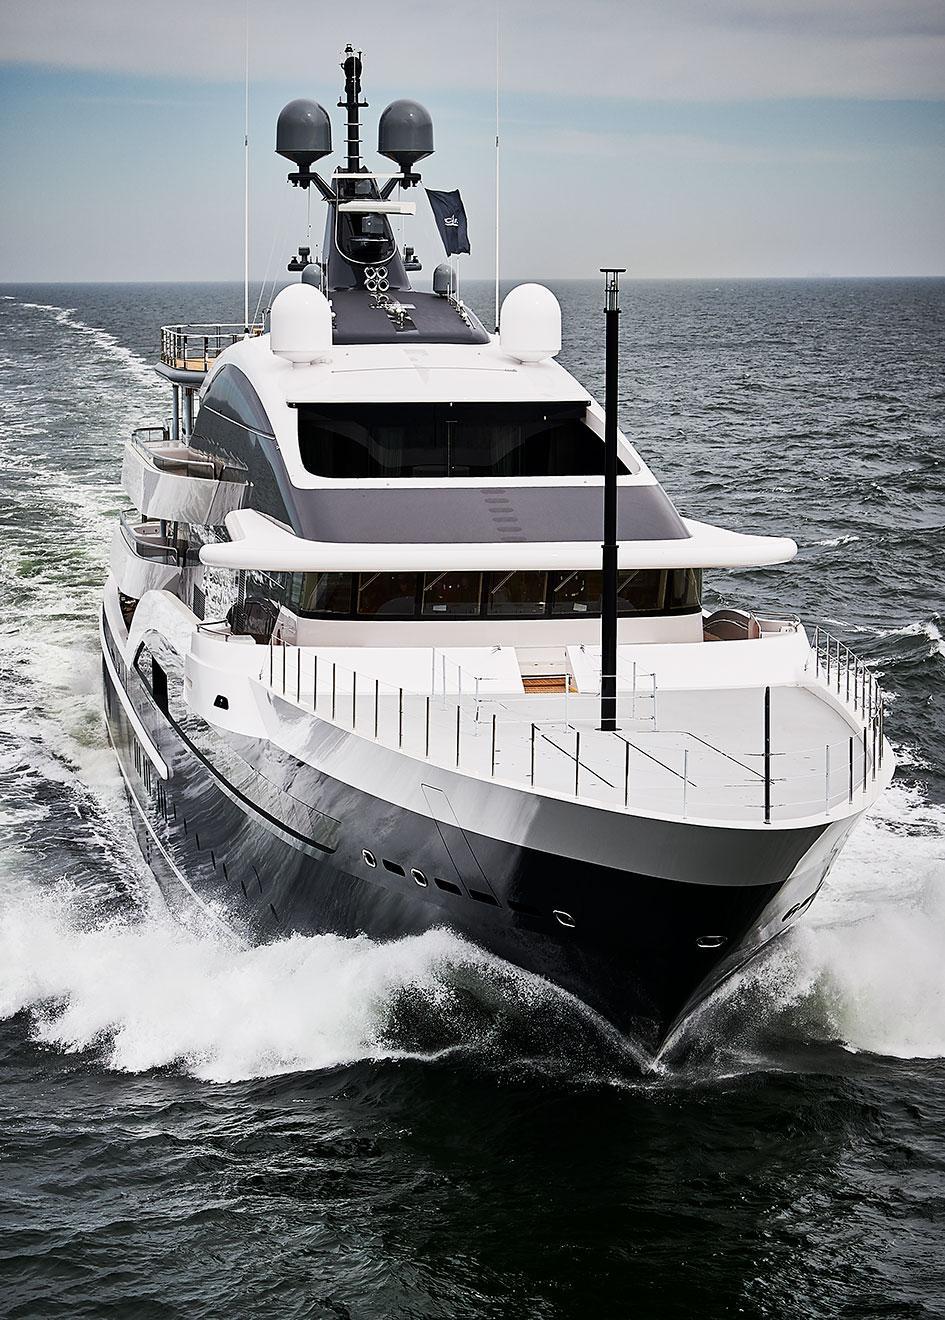 Oceanco DAR ex Y717 Project Shark